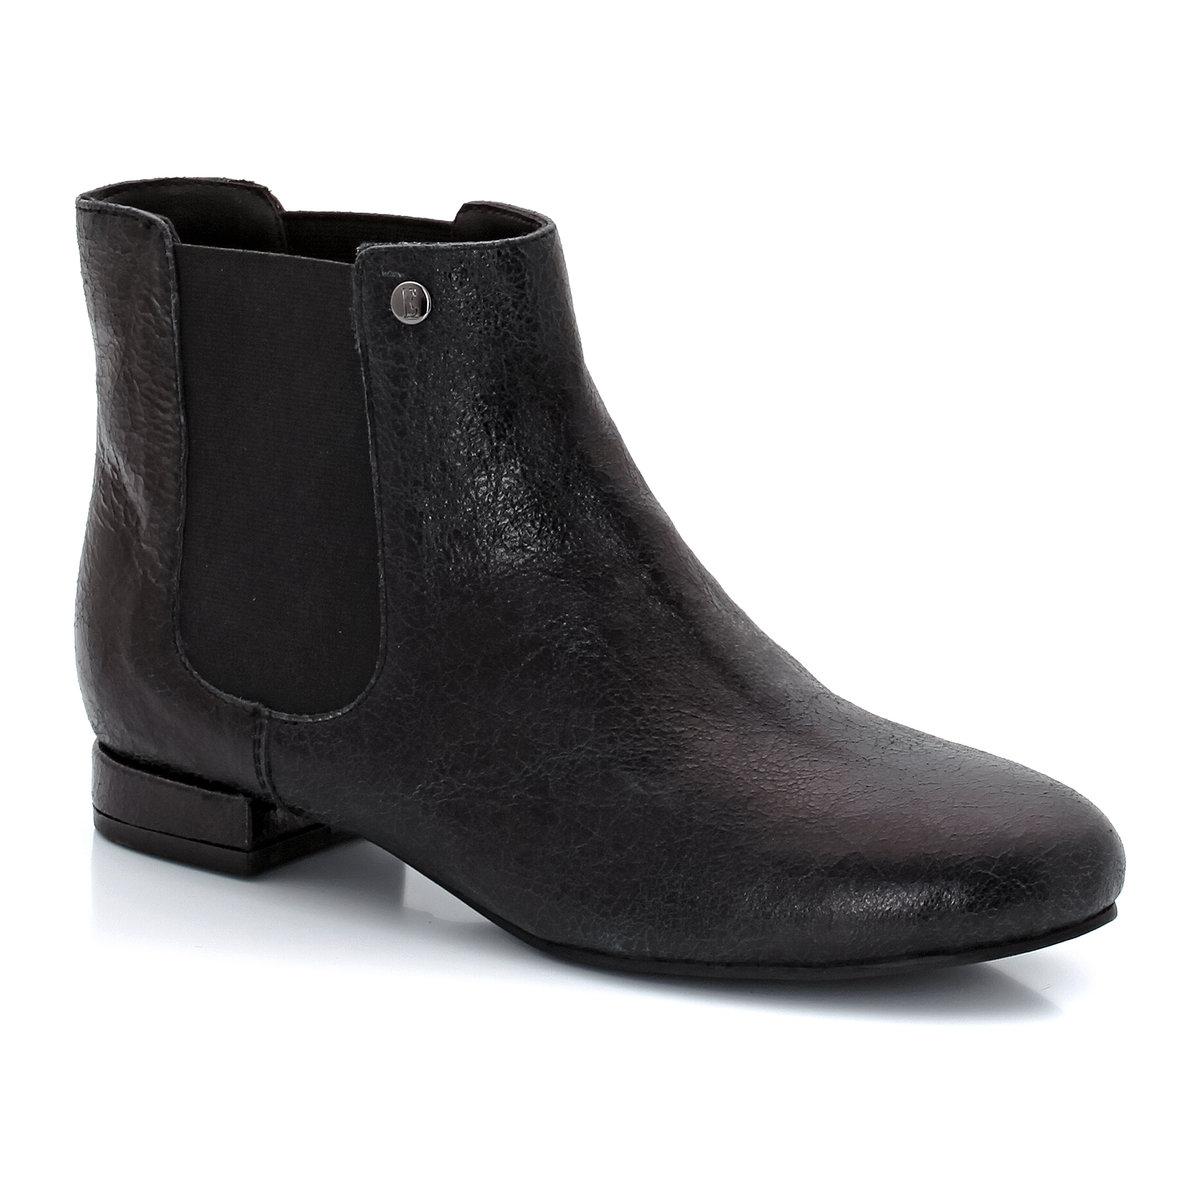 Ботинки MabilonНеоспоримые плюсы: пересмотренный стил челси от марки ELLE, с ее фирменной элегантностью и комфортом.<br><br>Цвет: черный<br>Размер: 38